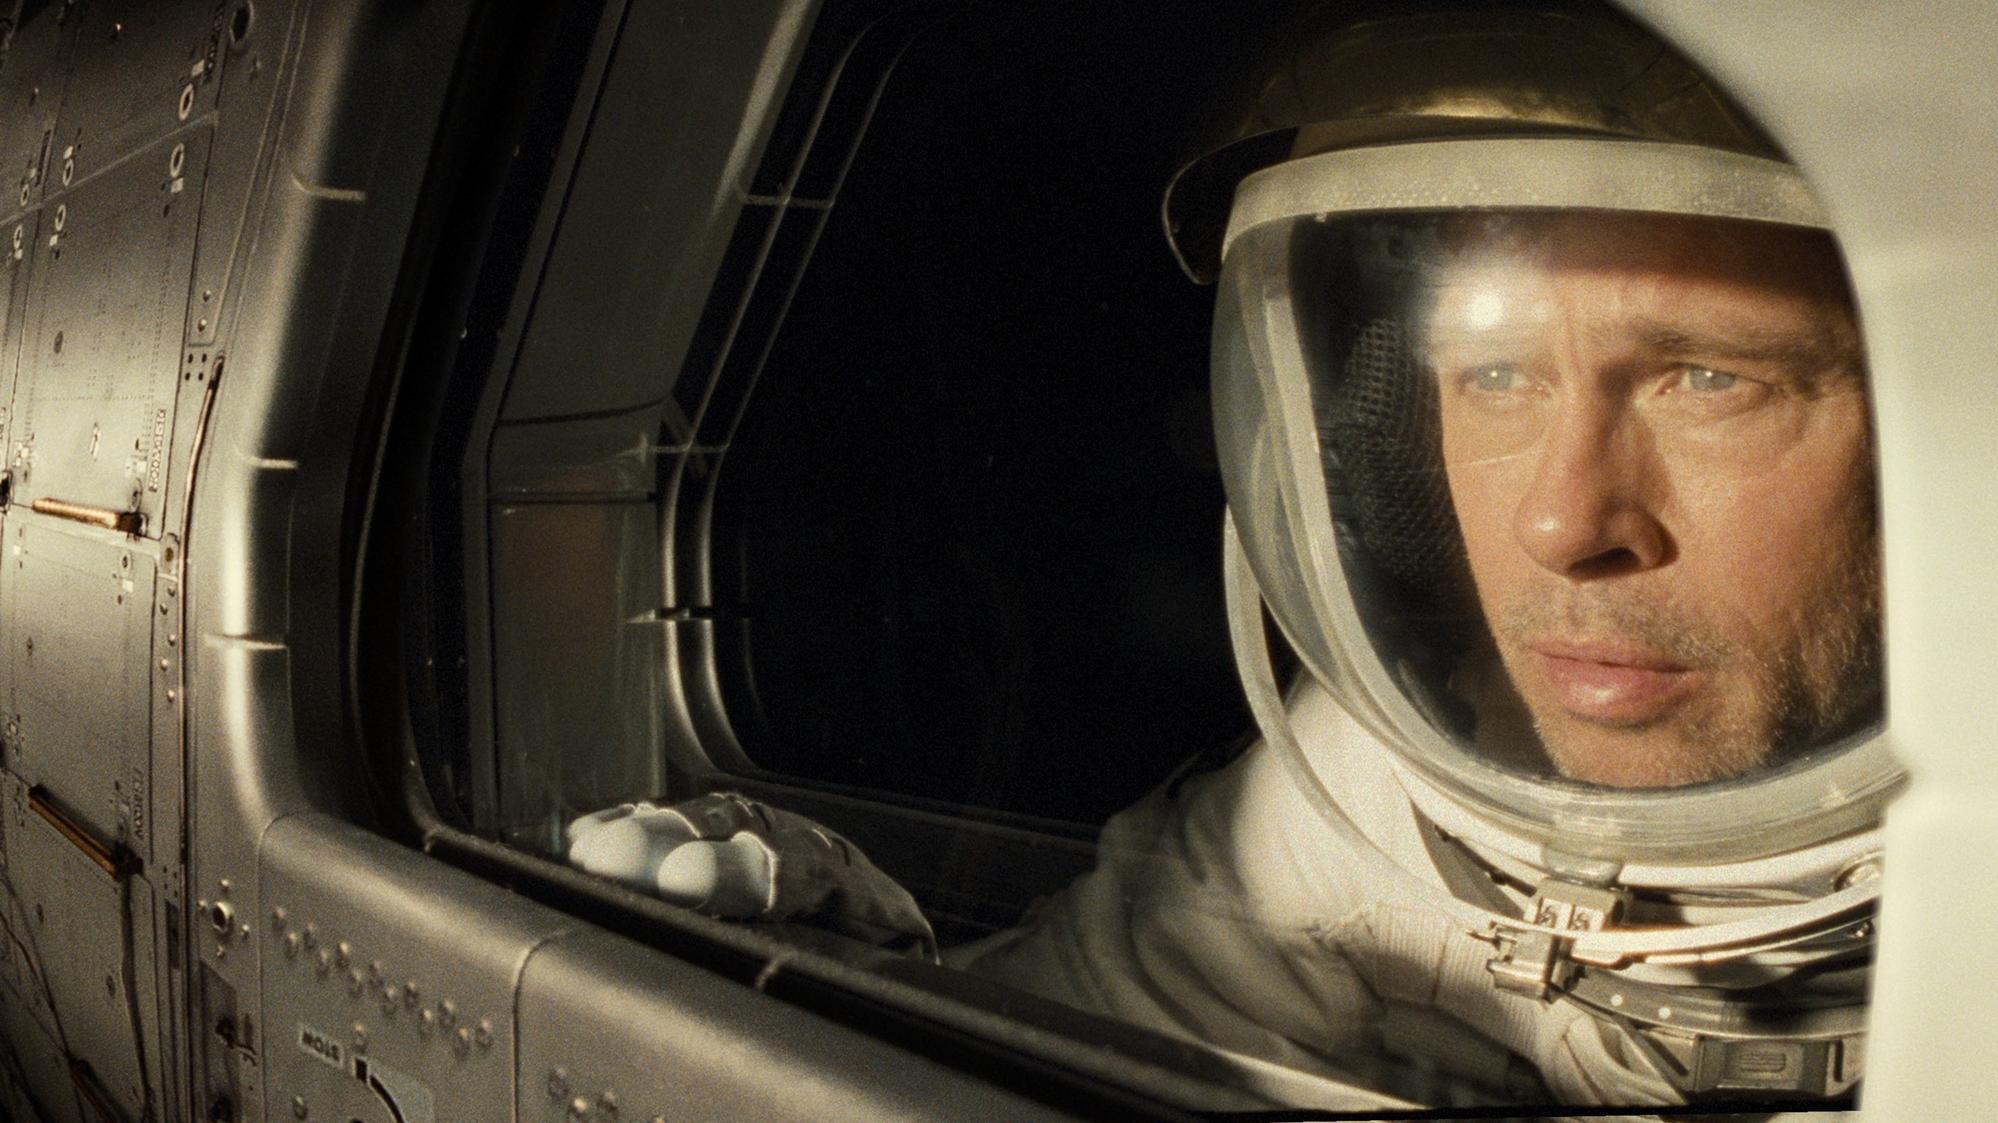 #科幻看电影#开局猛如虎,一看结局心里堵,最新科幻催眠神作《星际探索》